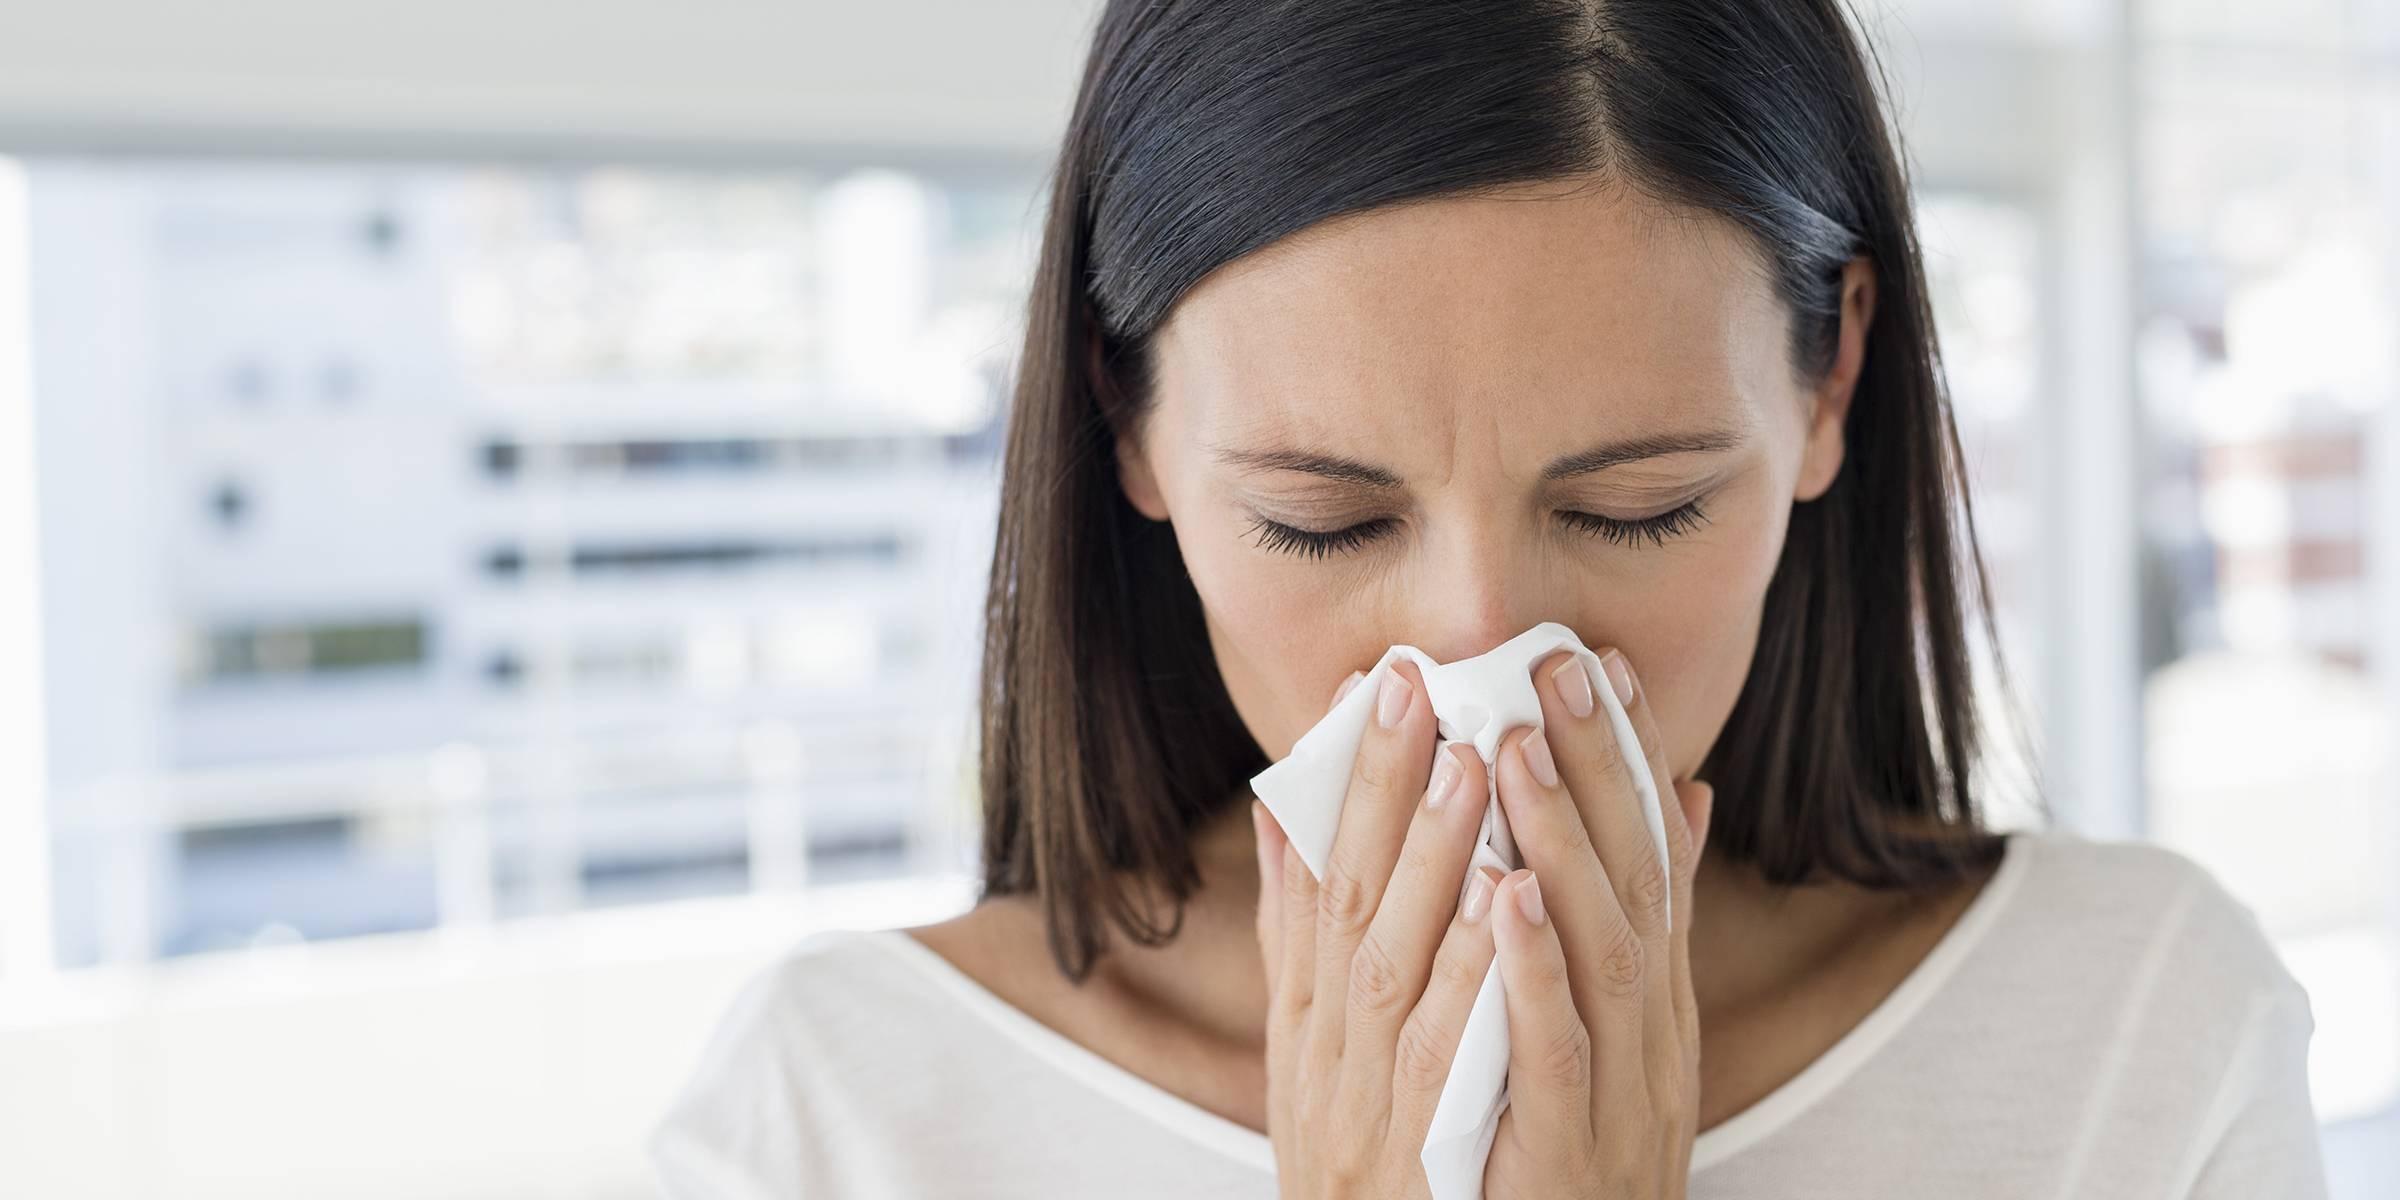 Аллергический ринит у взрослых: причины, симптомы и лечение